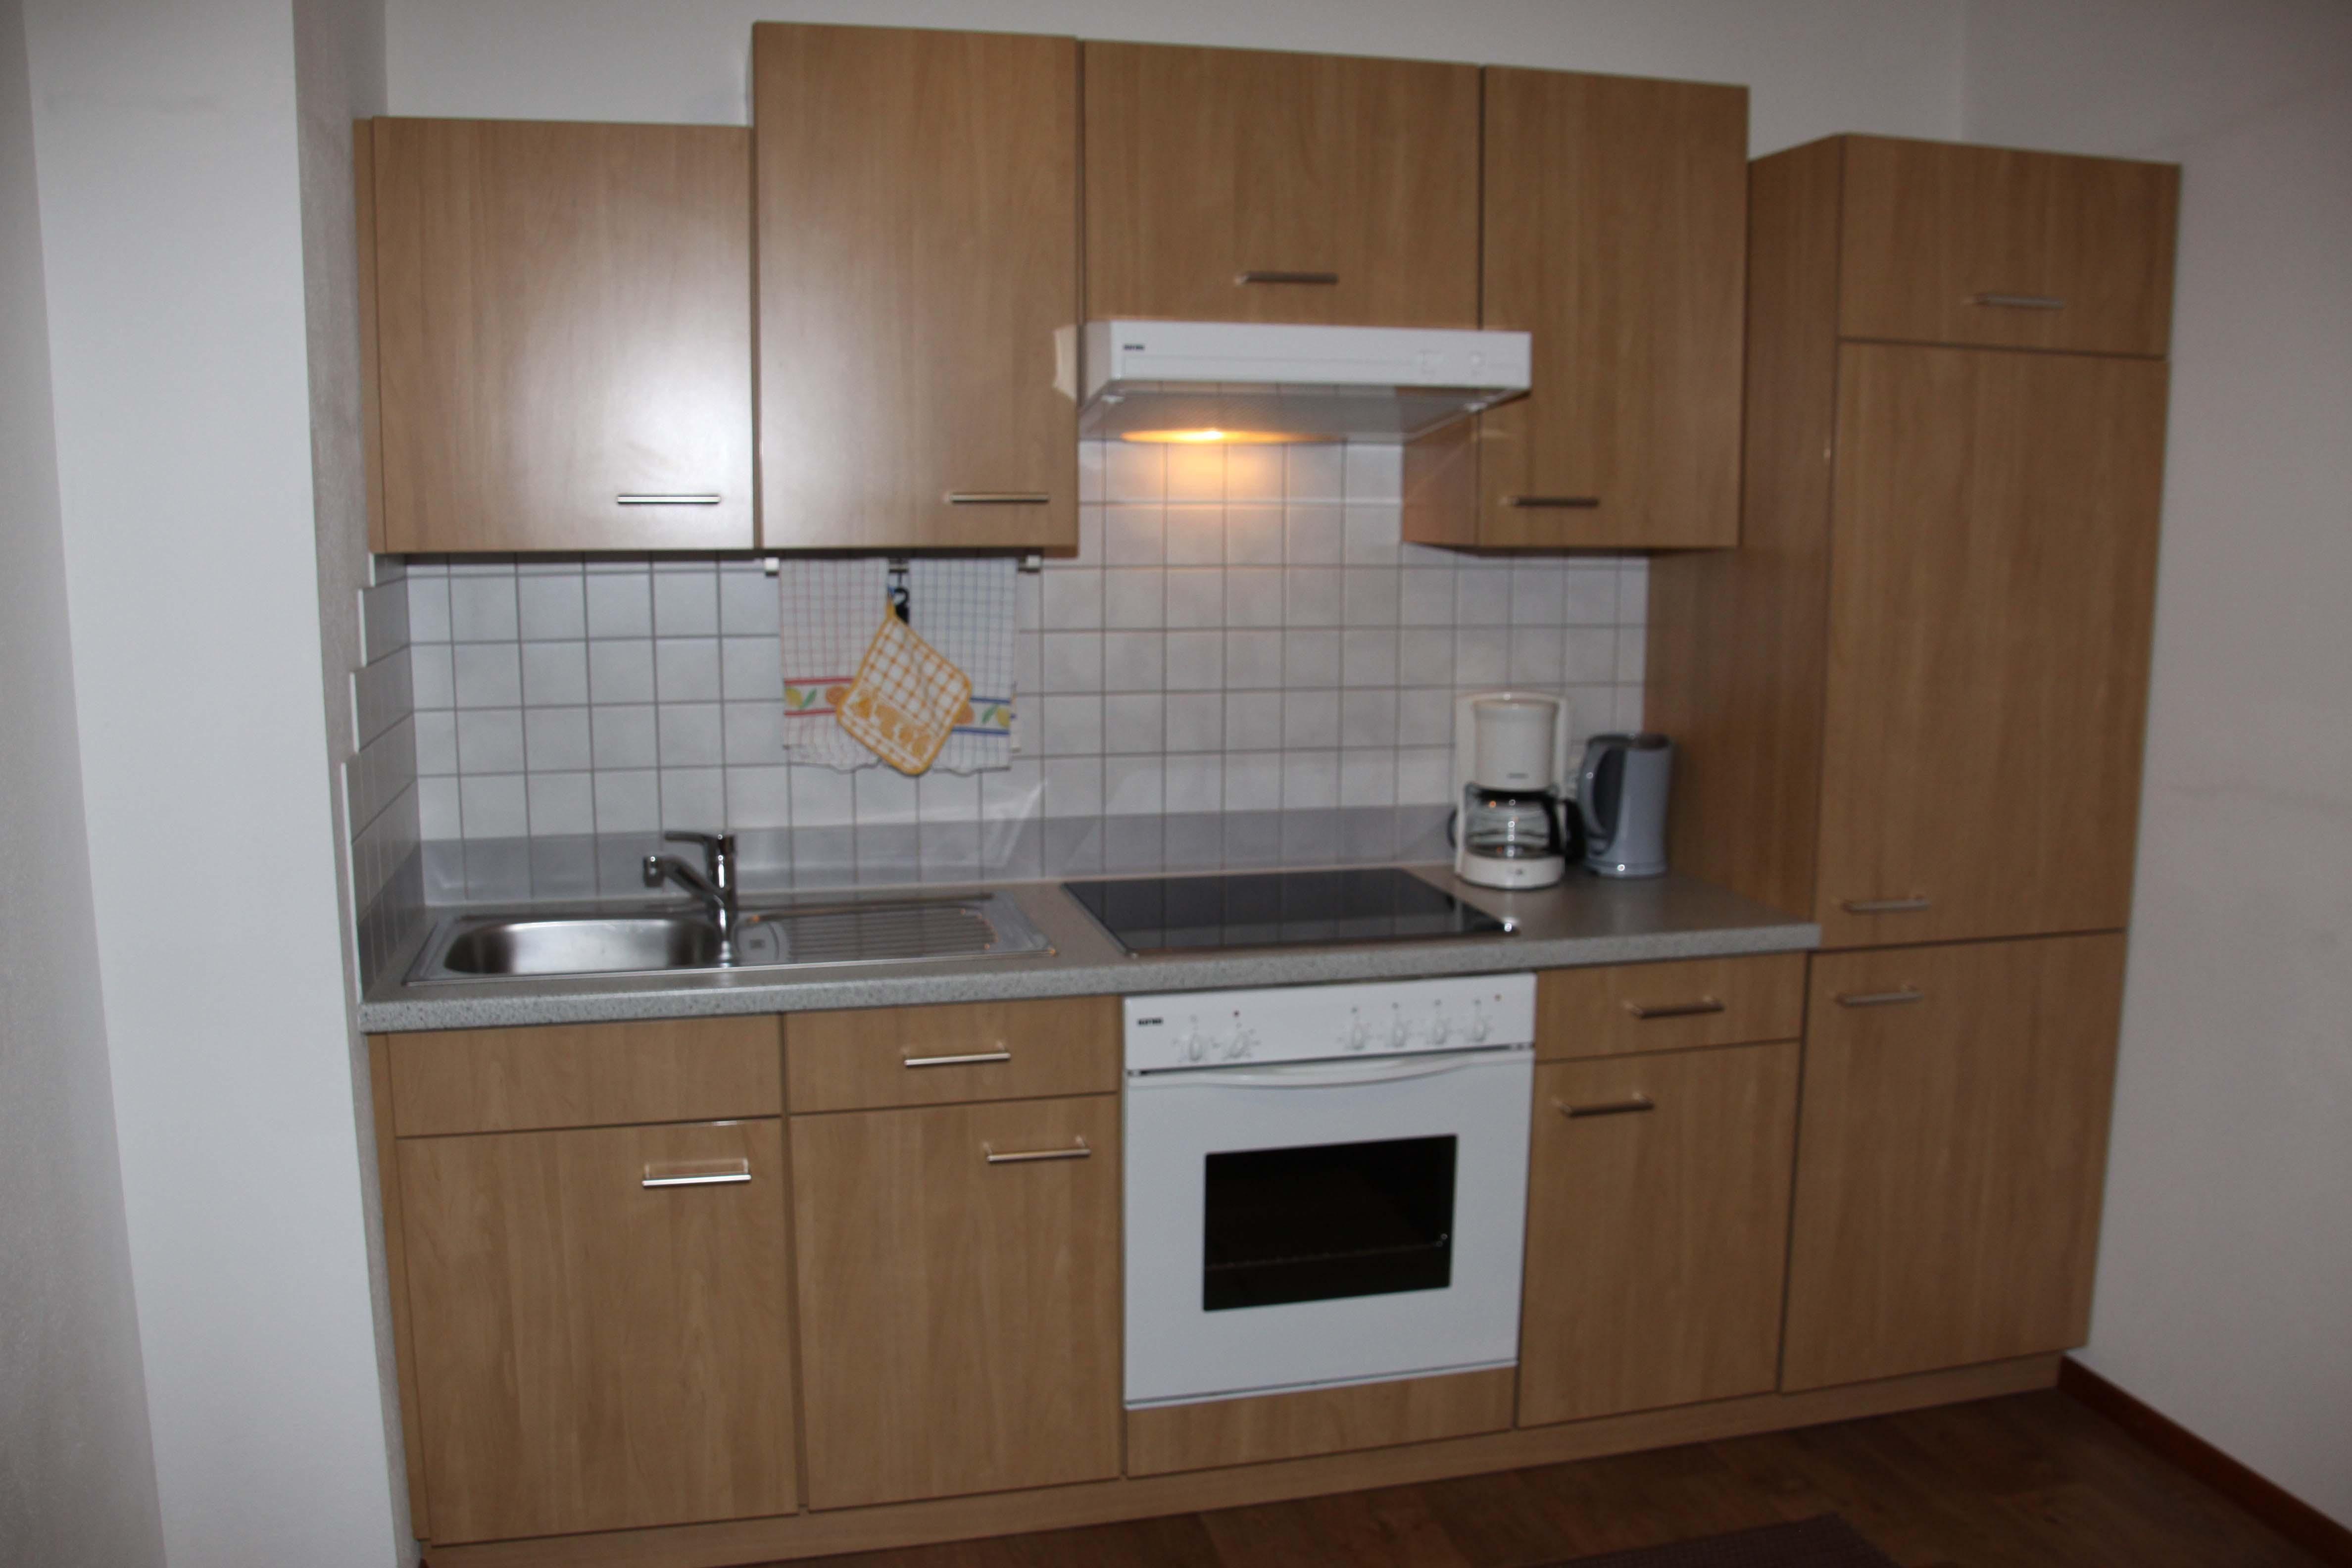 Appartement hirzinger johann   westendorf